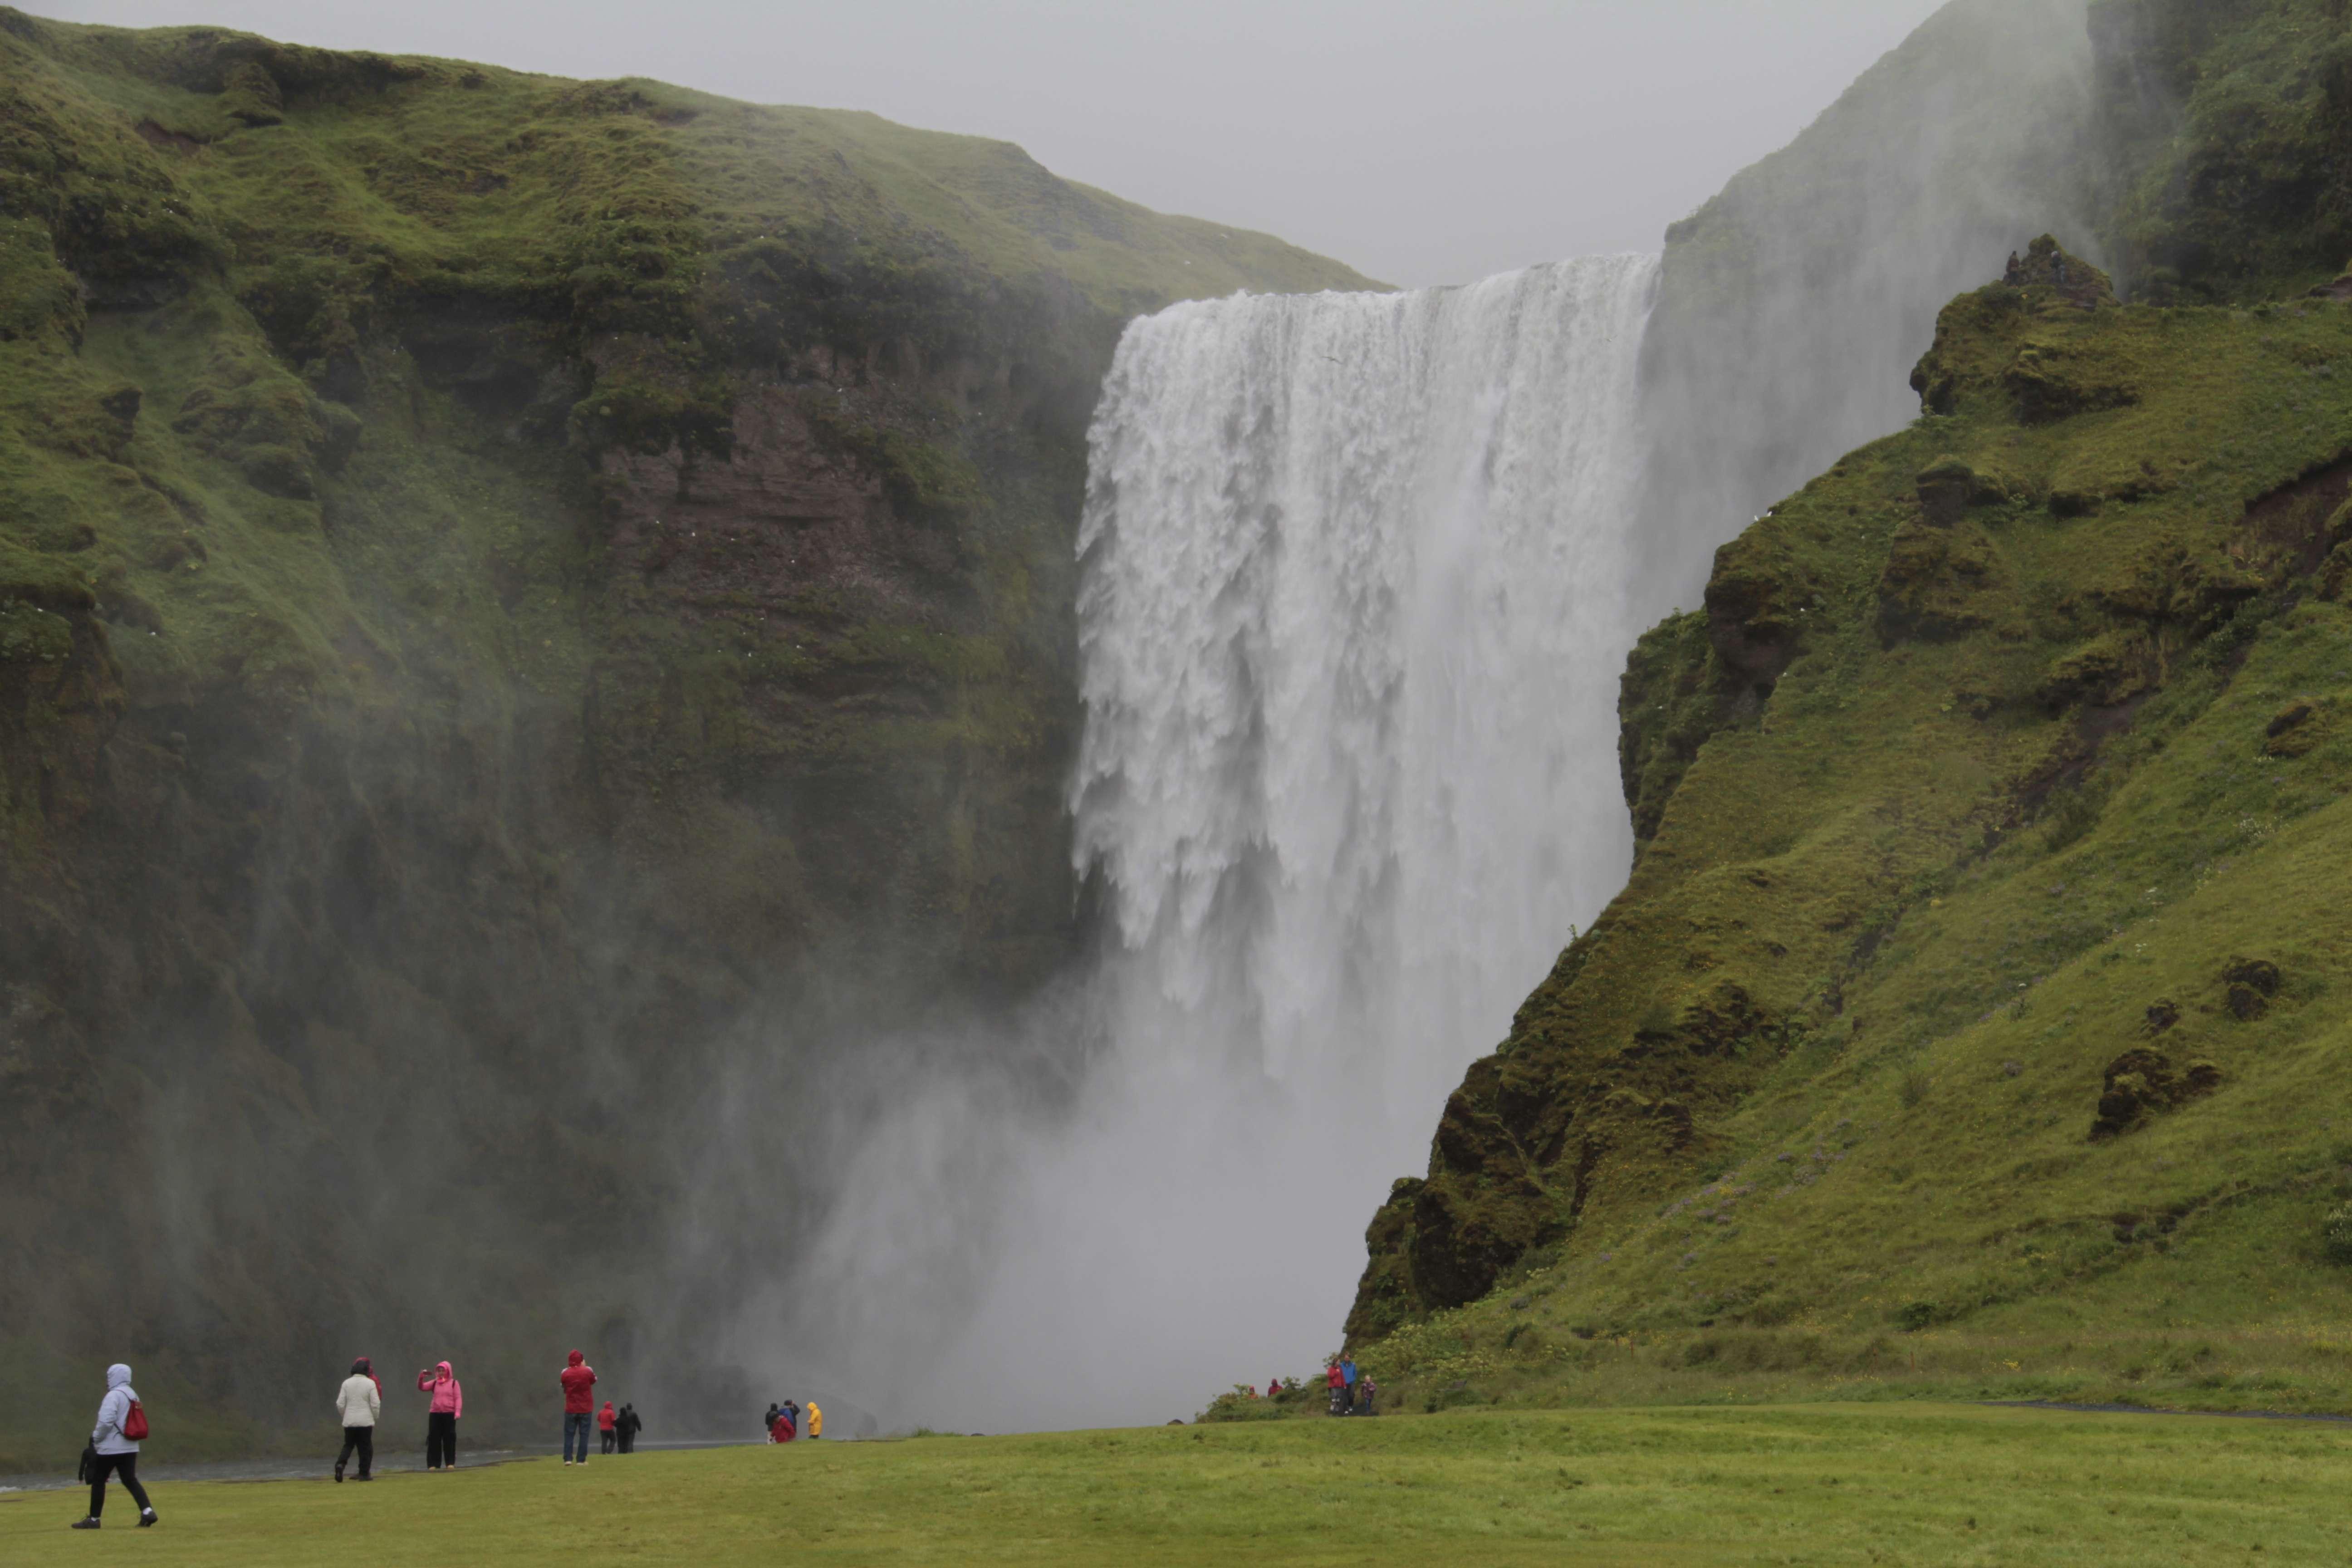 Islande_0454 route Hofn-Hella - Skogar 15 juillet